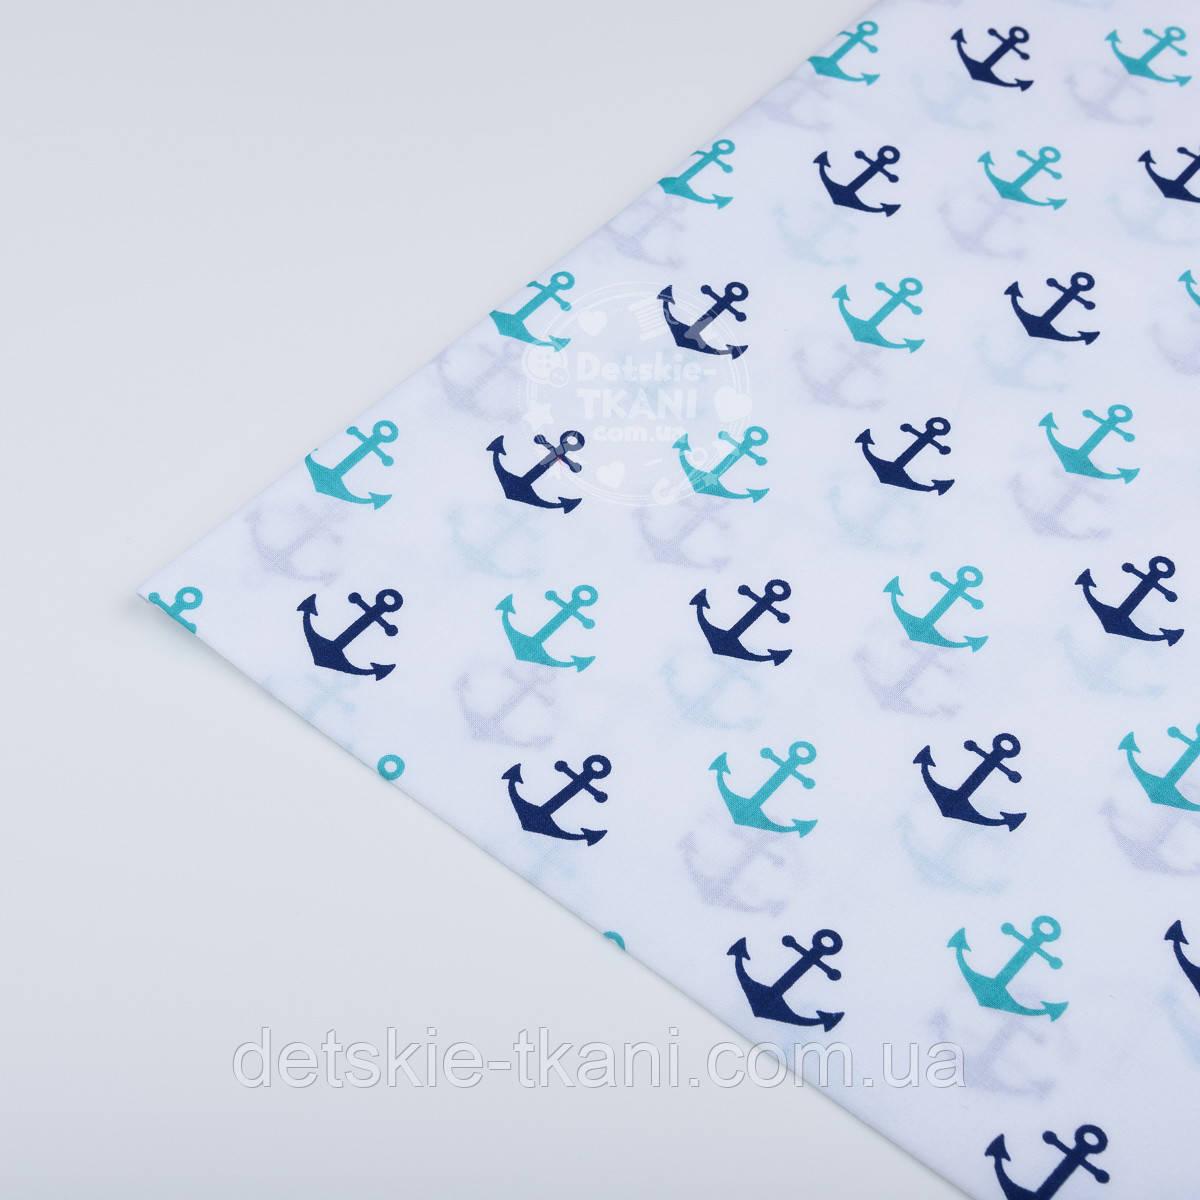 Лоскут ткани №218а с якорями синего и зелёно-бирюзового цвета, размер 36*80 см